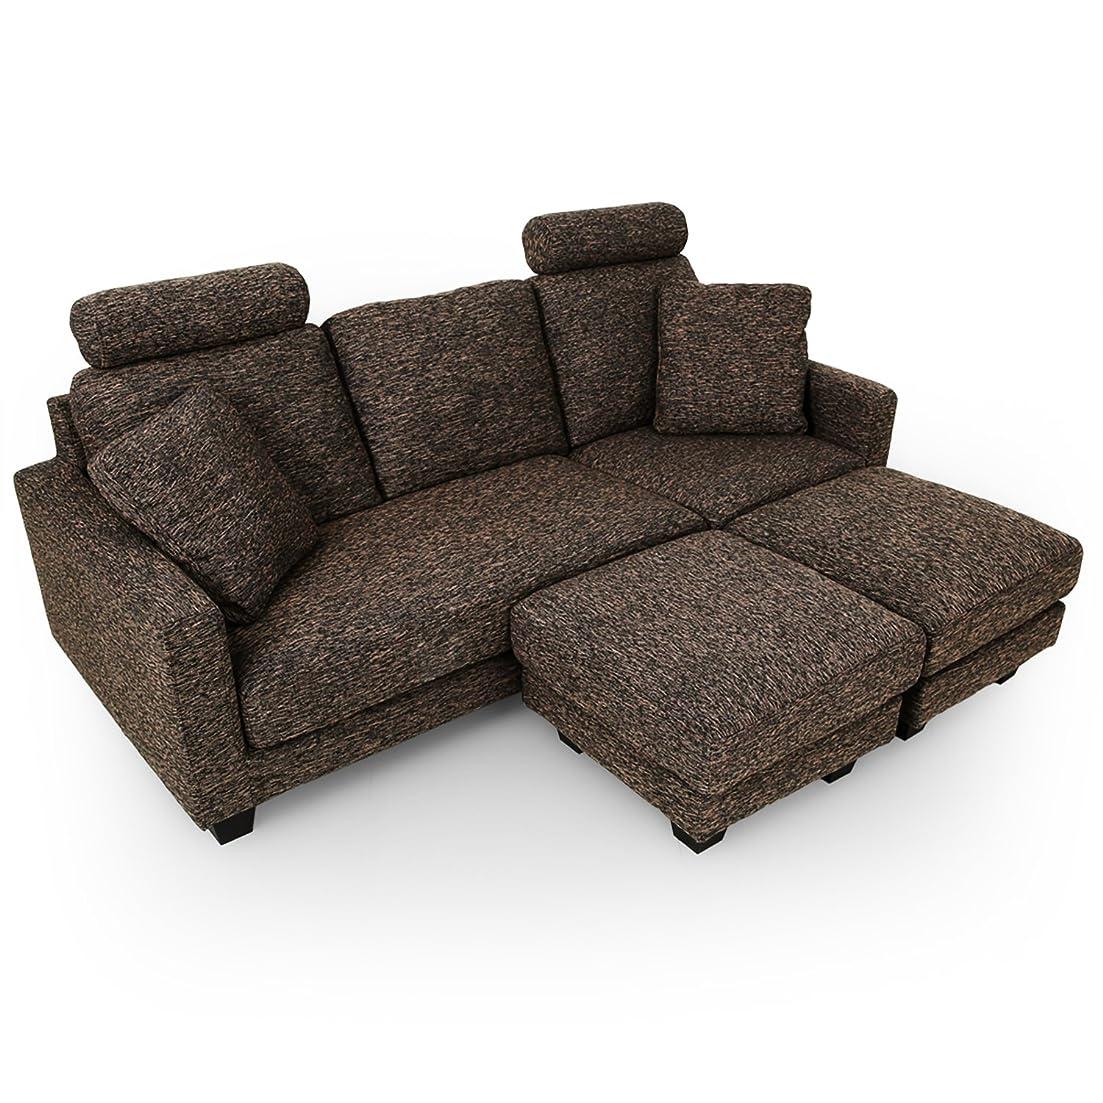 刃考案するラッカスLOWYA ソファ ソファセット リビングソファ カウチソファ sofa 3人掛け ブラウン